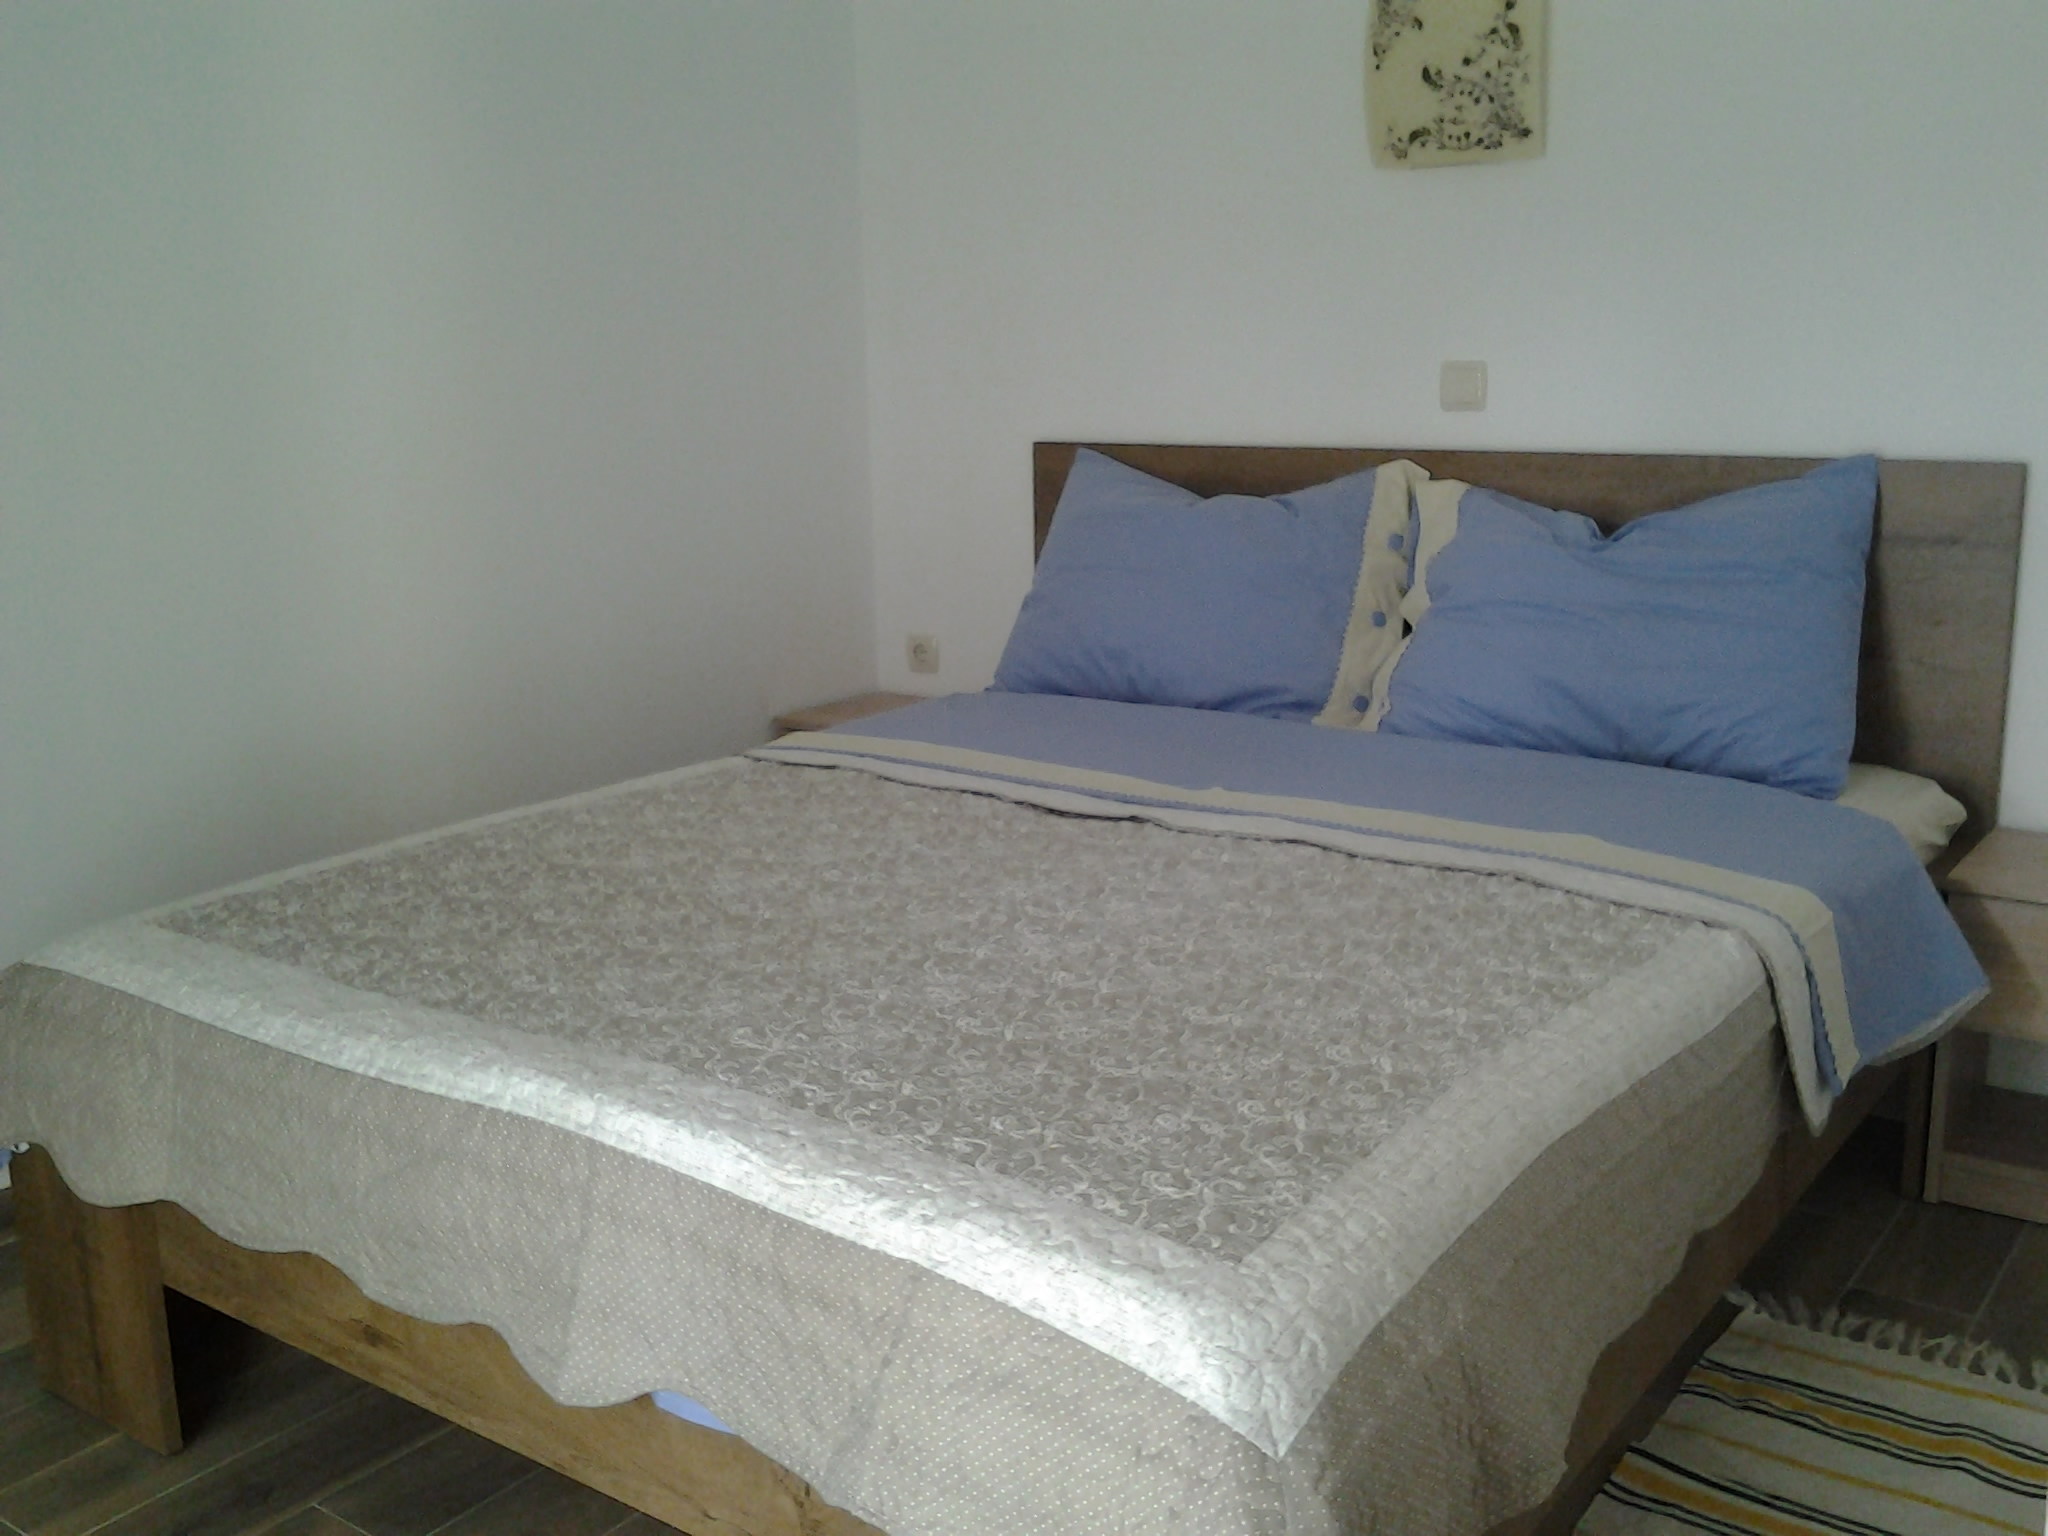 Schlafzimmer Mit Badezimmer : Schlafzimmer mit badezimmer ferienwohnungen snjezana rab